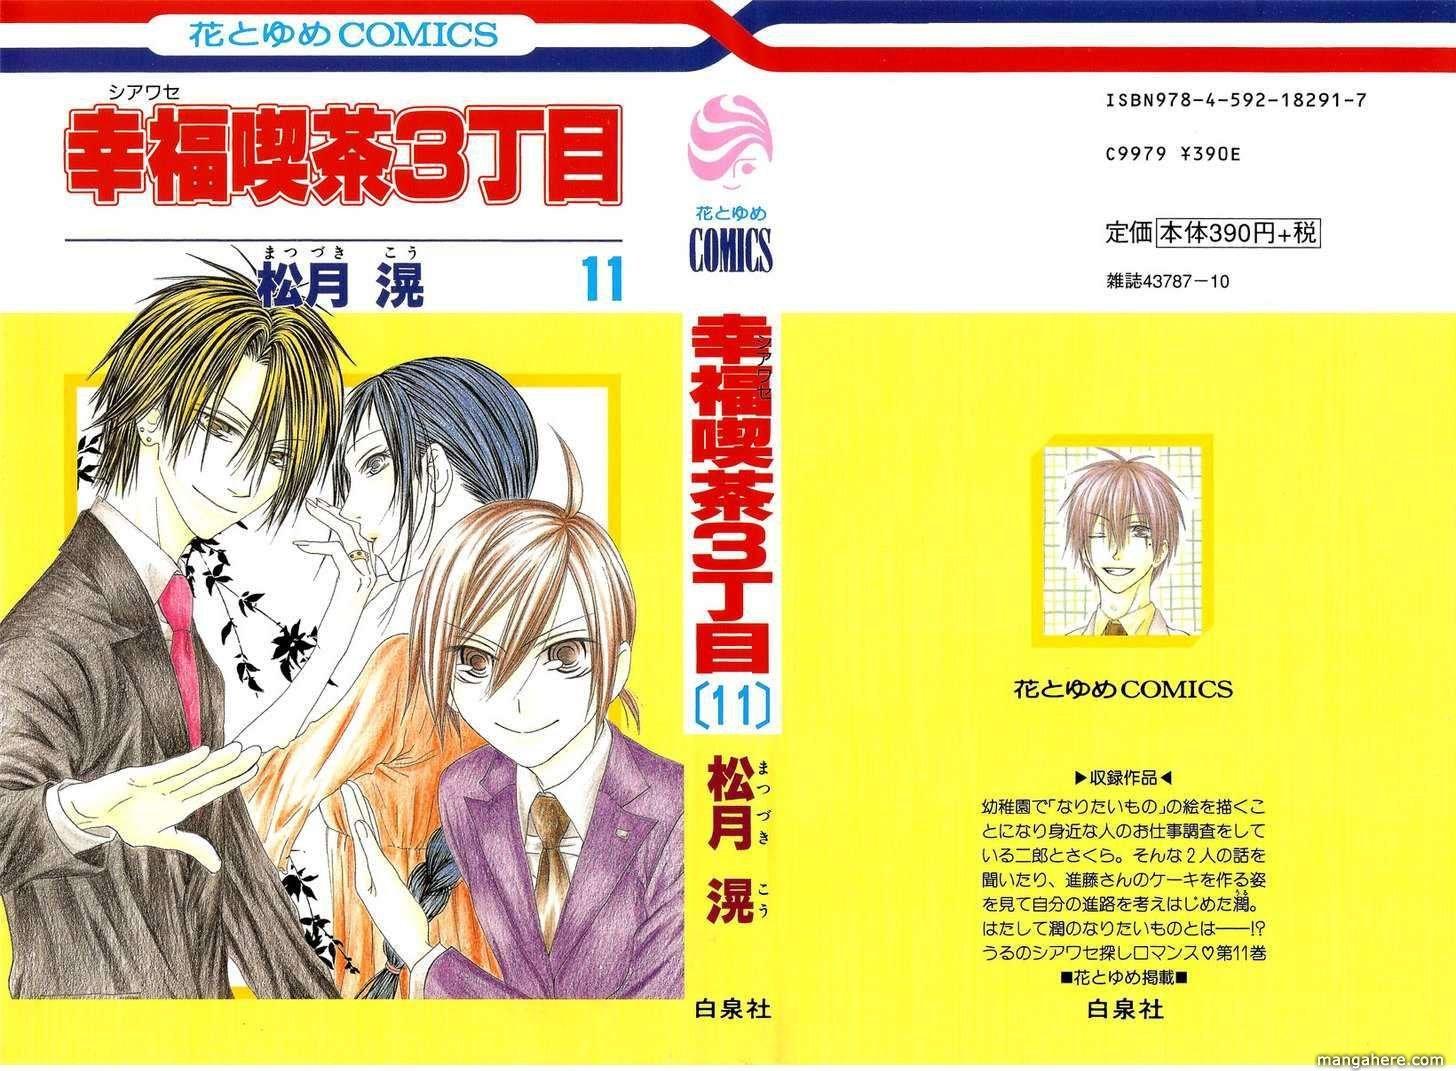 Shiawase Kissa Sanchoume 54 Page 1